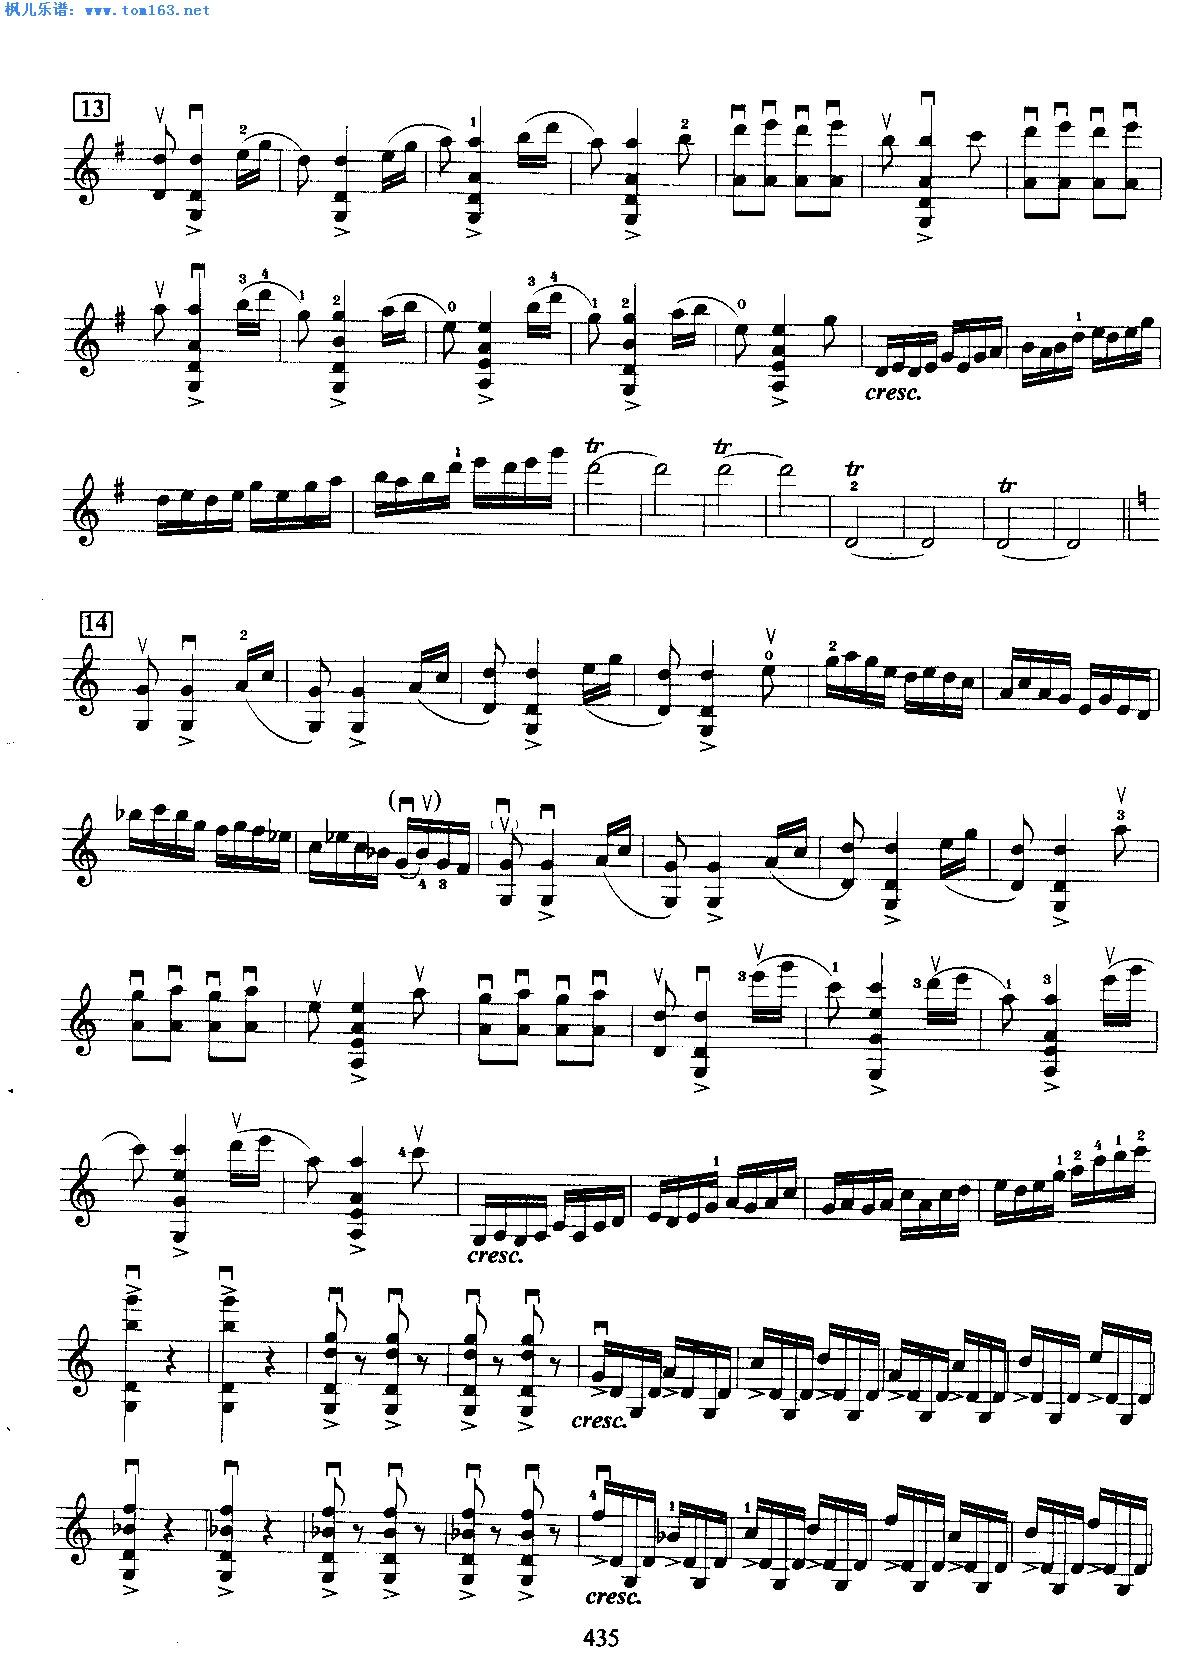 梁祝-黄安源二重奏谱-梁山伯与祝英台协奏曲 小提琴谱